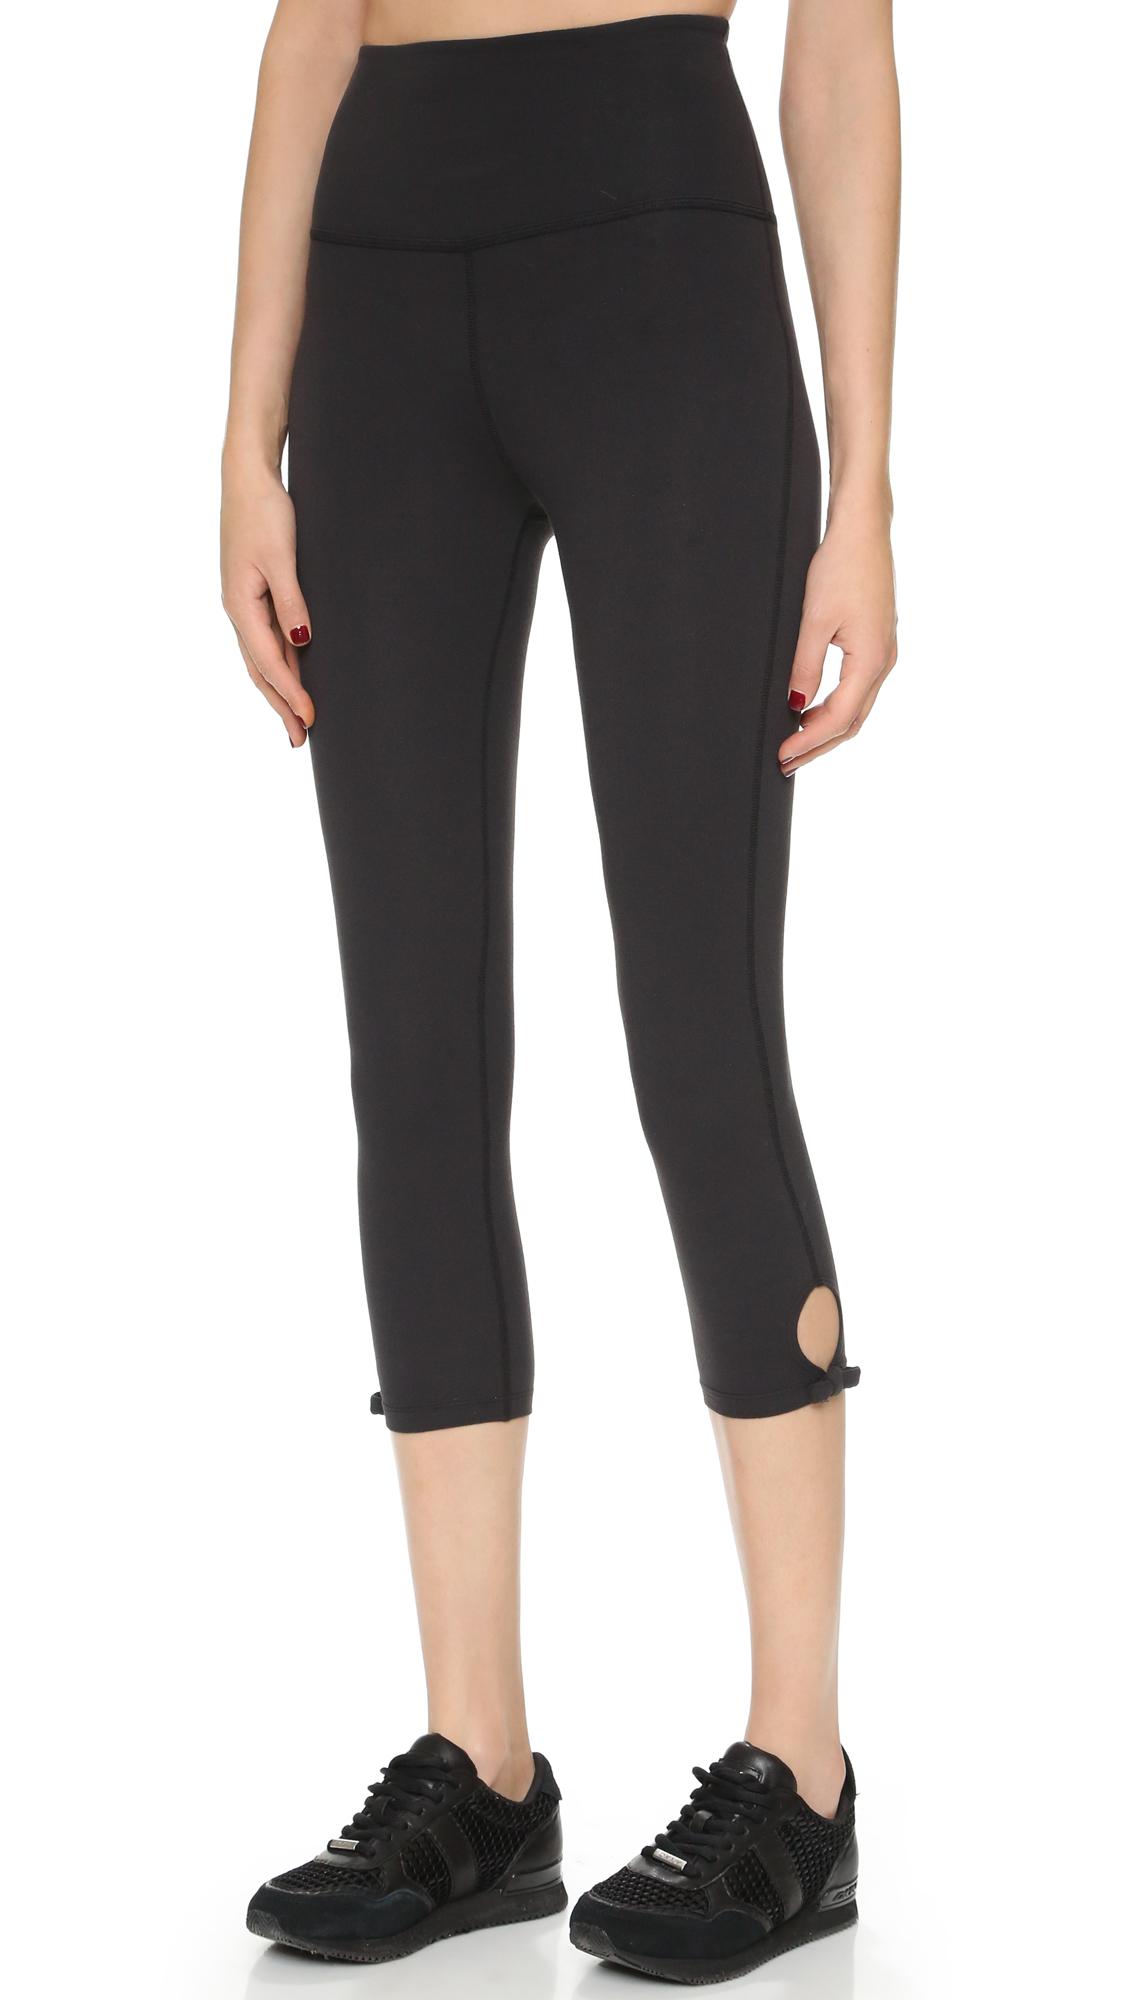 1cfbd56369c53 Beyond Yoga Kate Spade Bow Capri Leggings in Black - Lyst